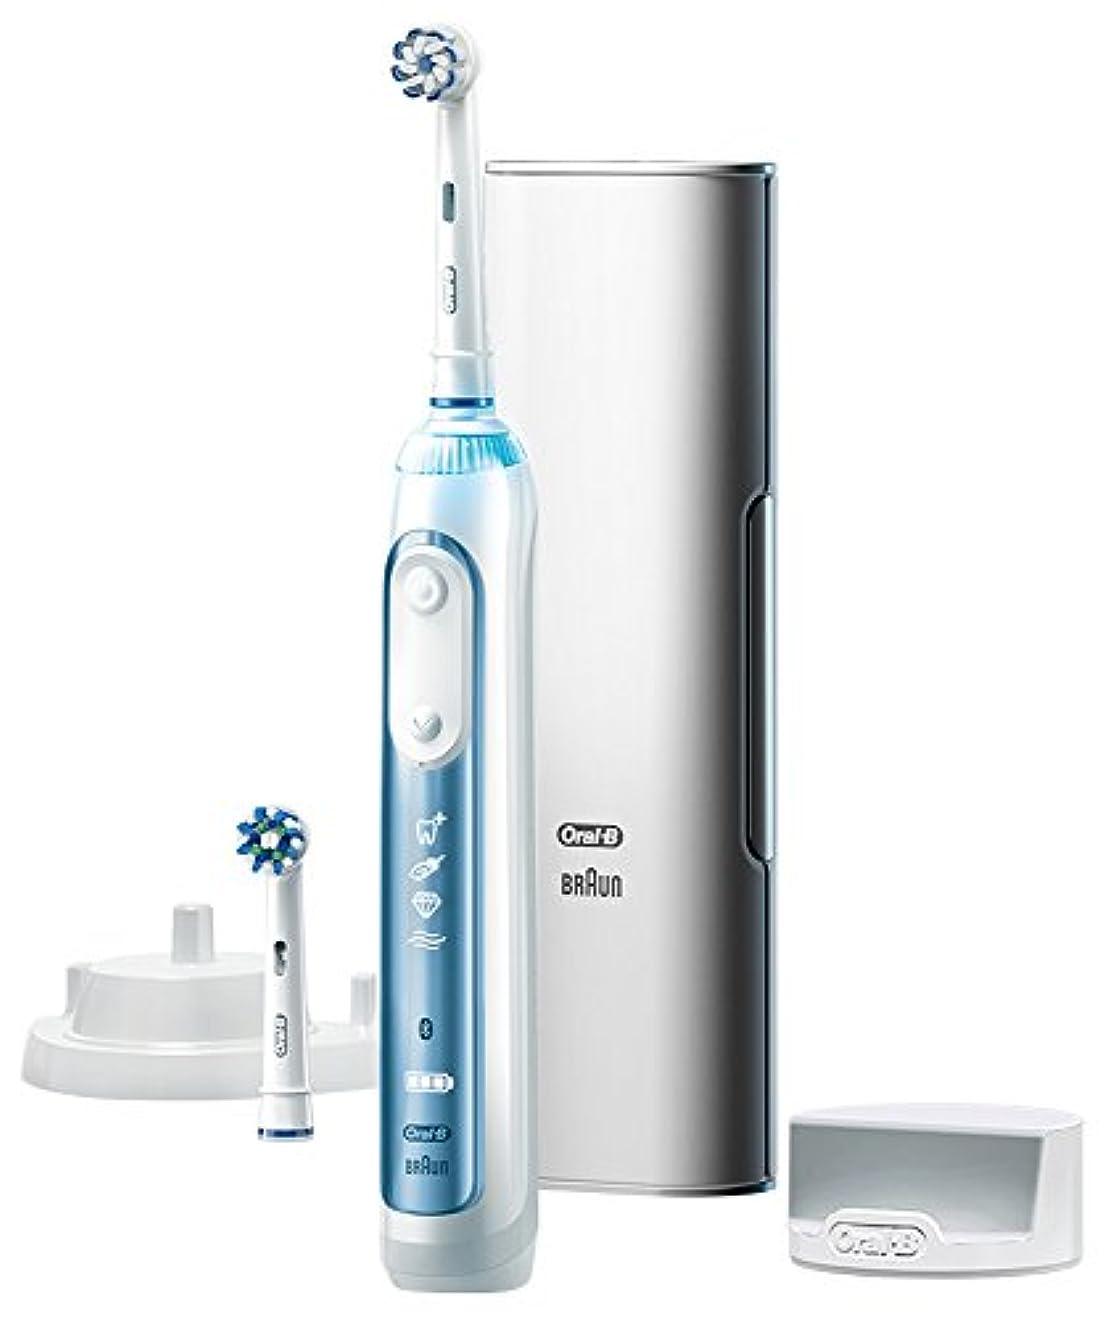 アコードきょうだい戸口ブラウン オーラルB 電動歯ブラシ スマート7000 D7005245XP D7005245XP